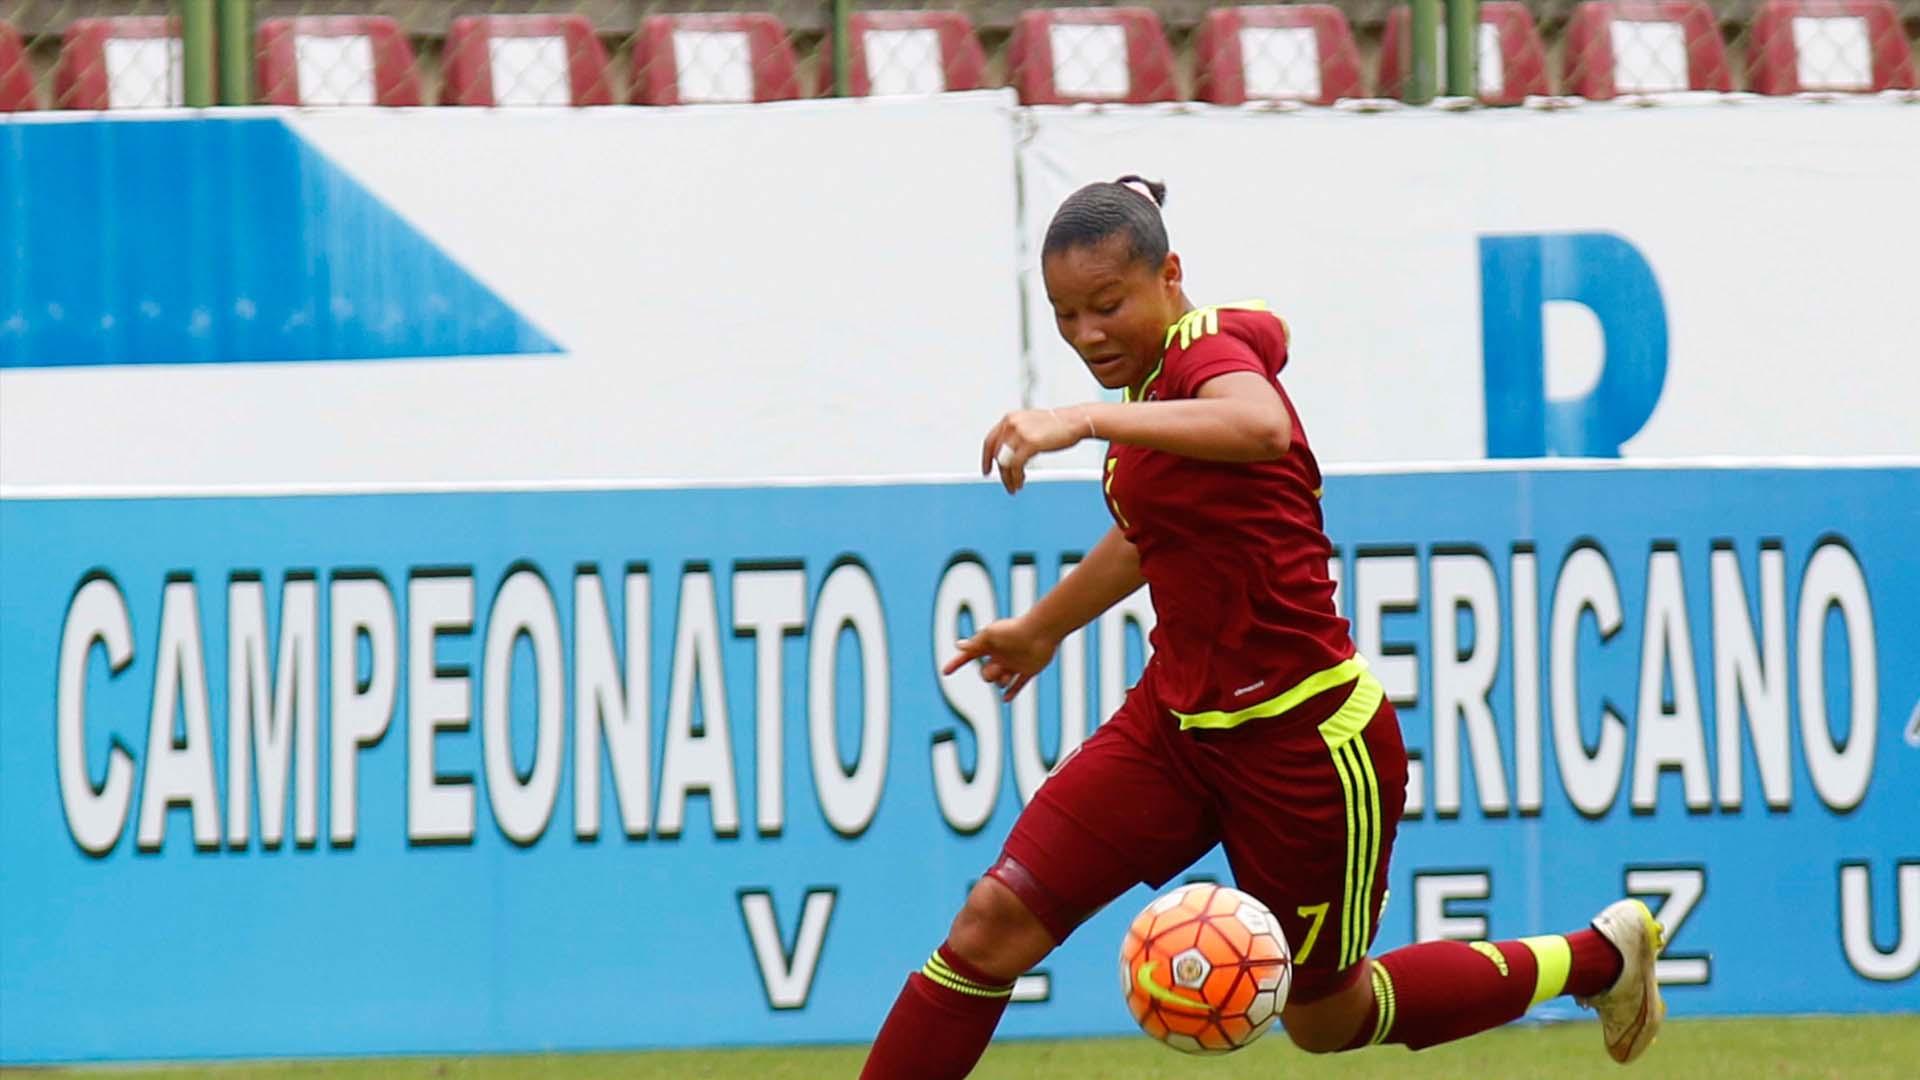 La criolla se convirtió la primera venezolana y en el jugador más joven en entrar entre los tres finalistas del Premio Puskas